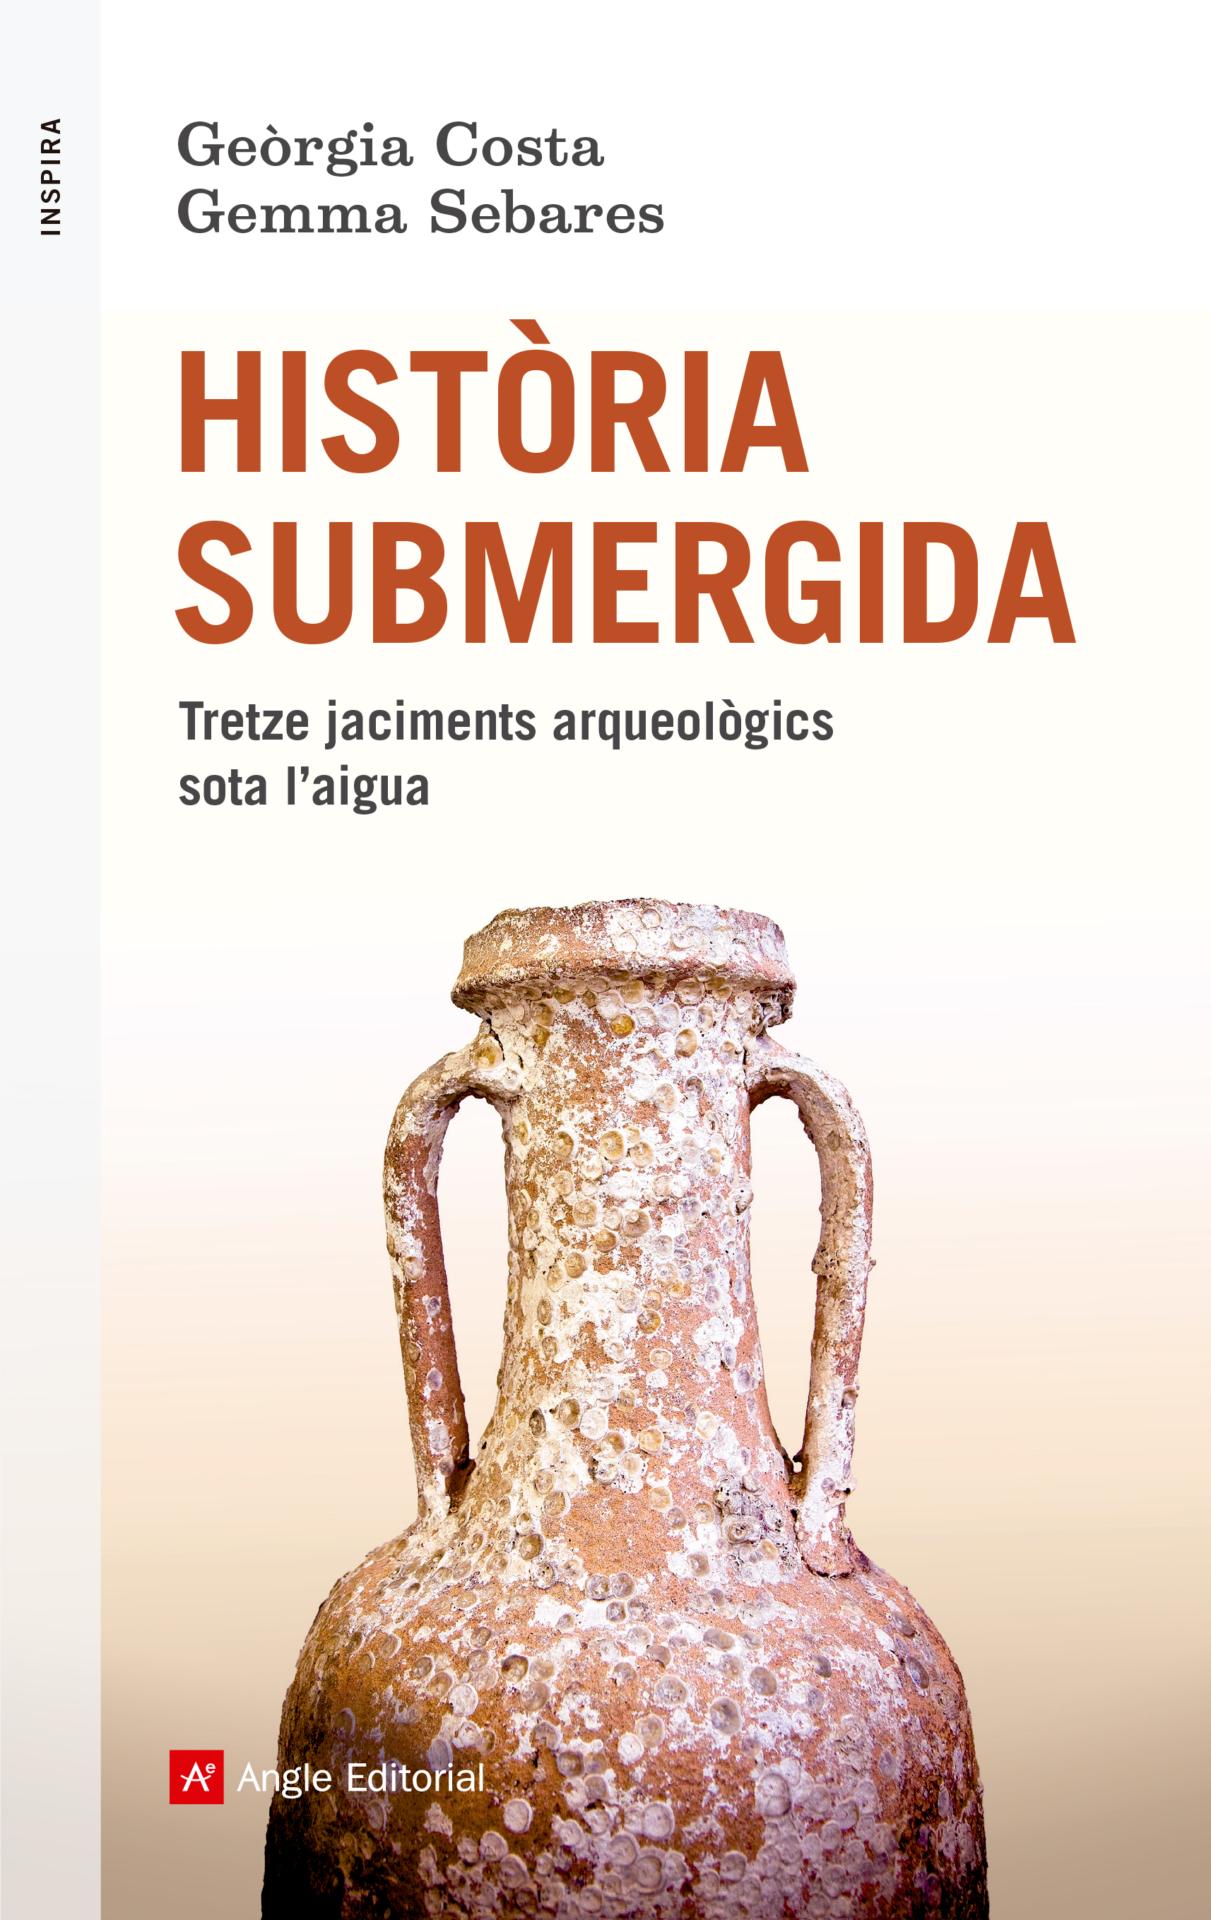 Portada d'Historia Submergida, de Gemma Sabares